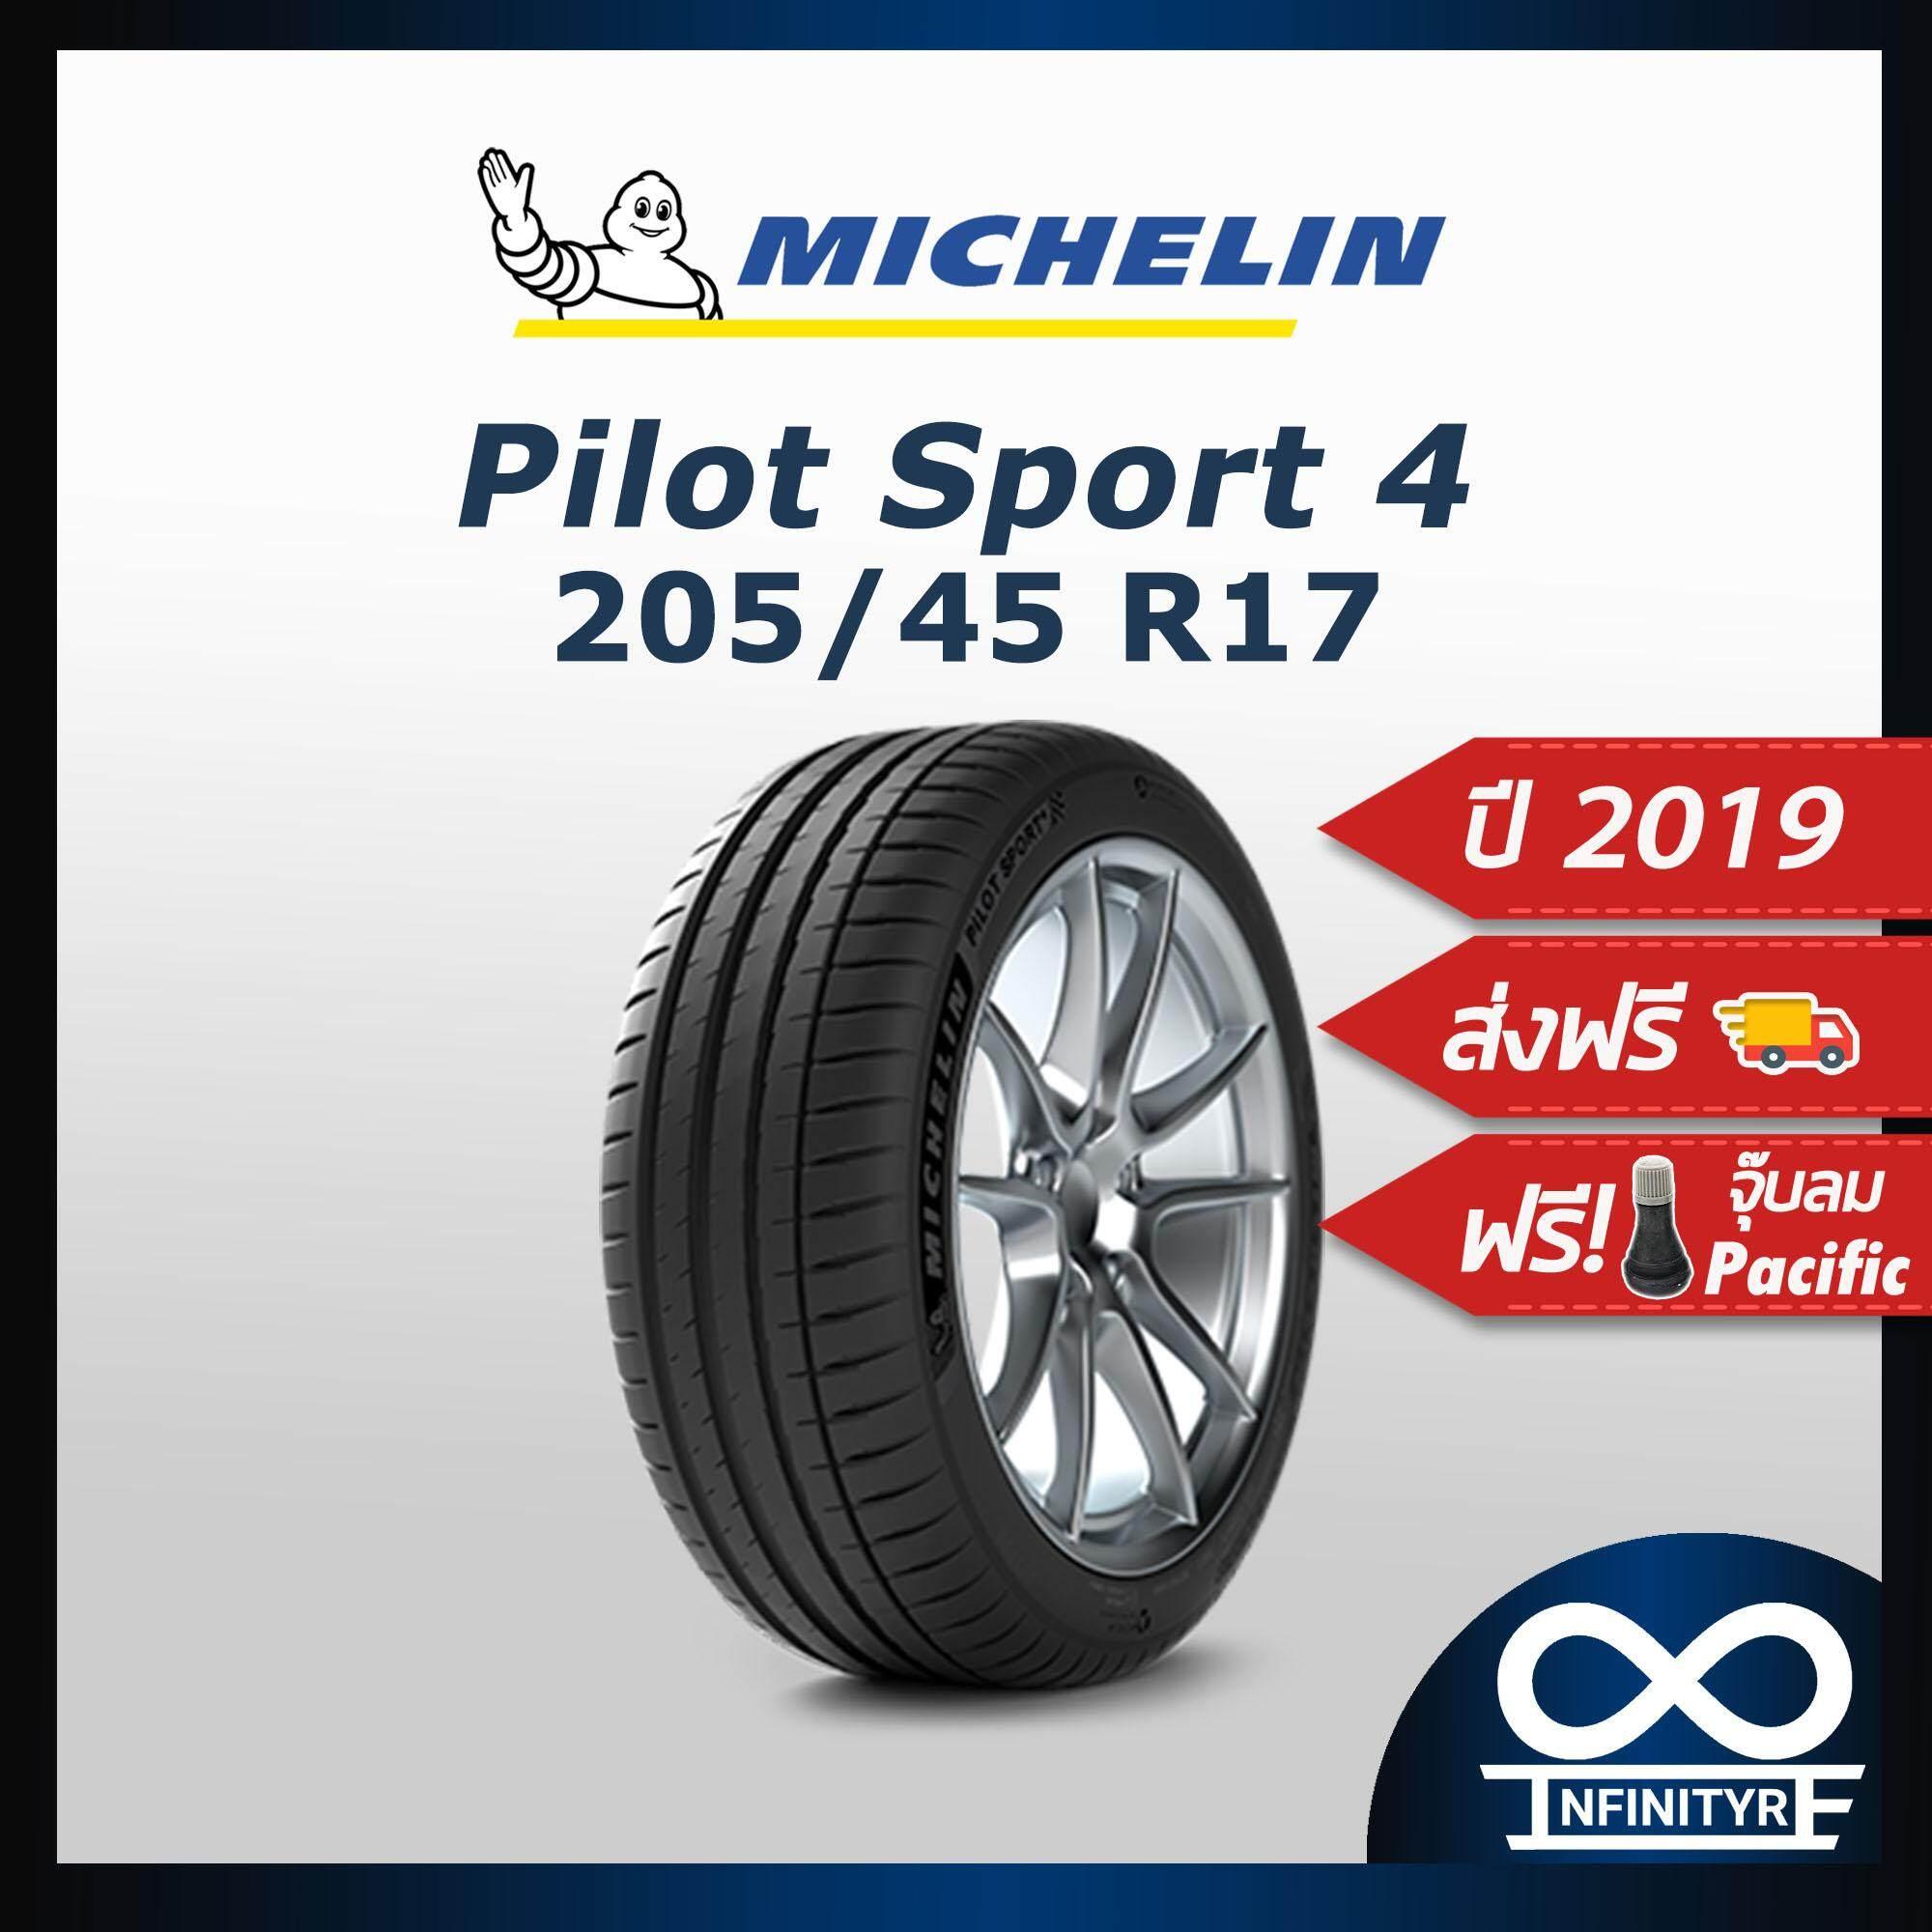 ประกันภัย รถยนต์ แบบ ผ่อน ได้ นครศรีธรรมราช 205/45R17 Michelin มิชลิน รุ่น Pilot Sport4 (ปี2019) ฟรี! จุ๊บลมPacific เกรดพรีเมี่ยม